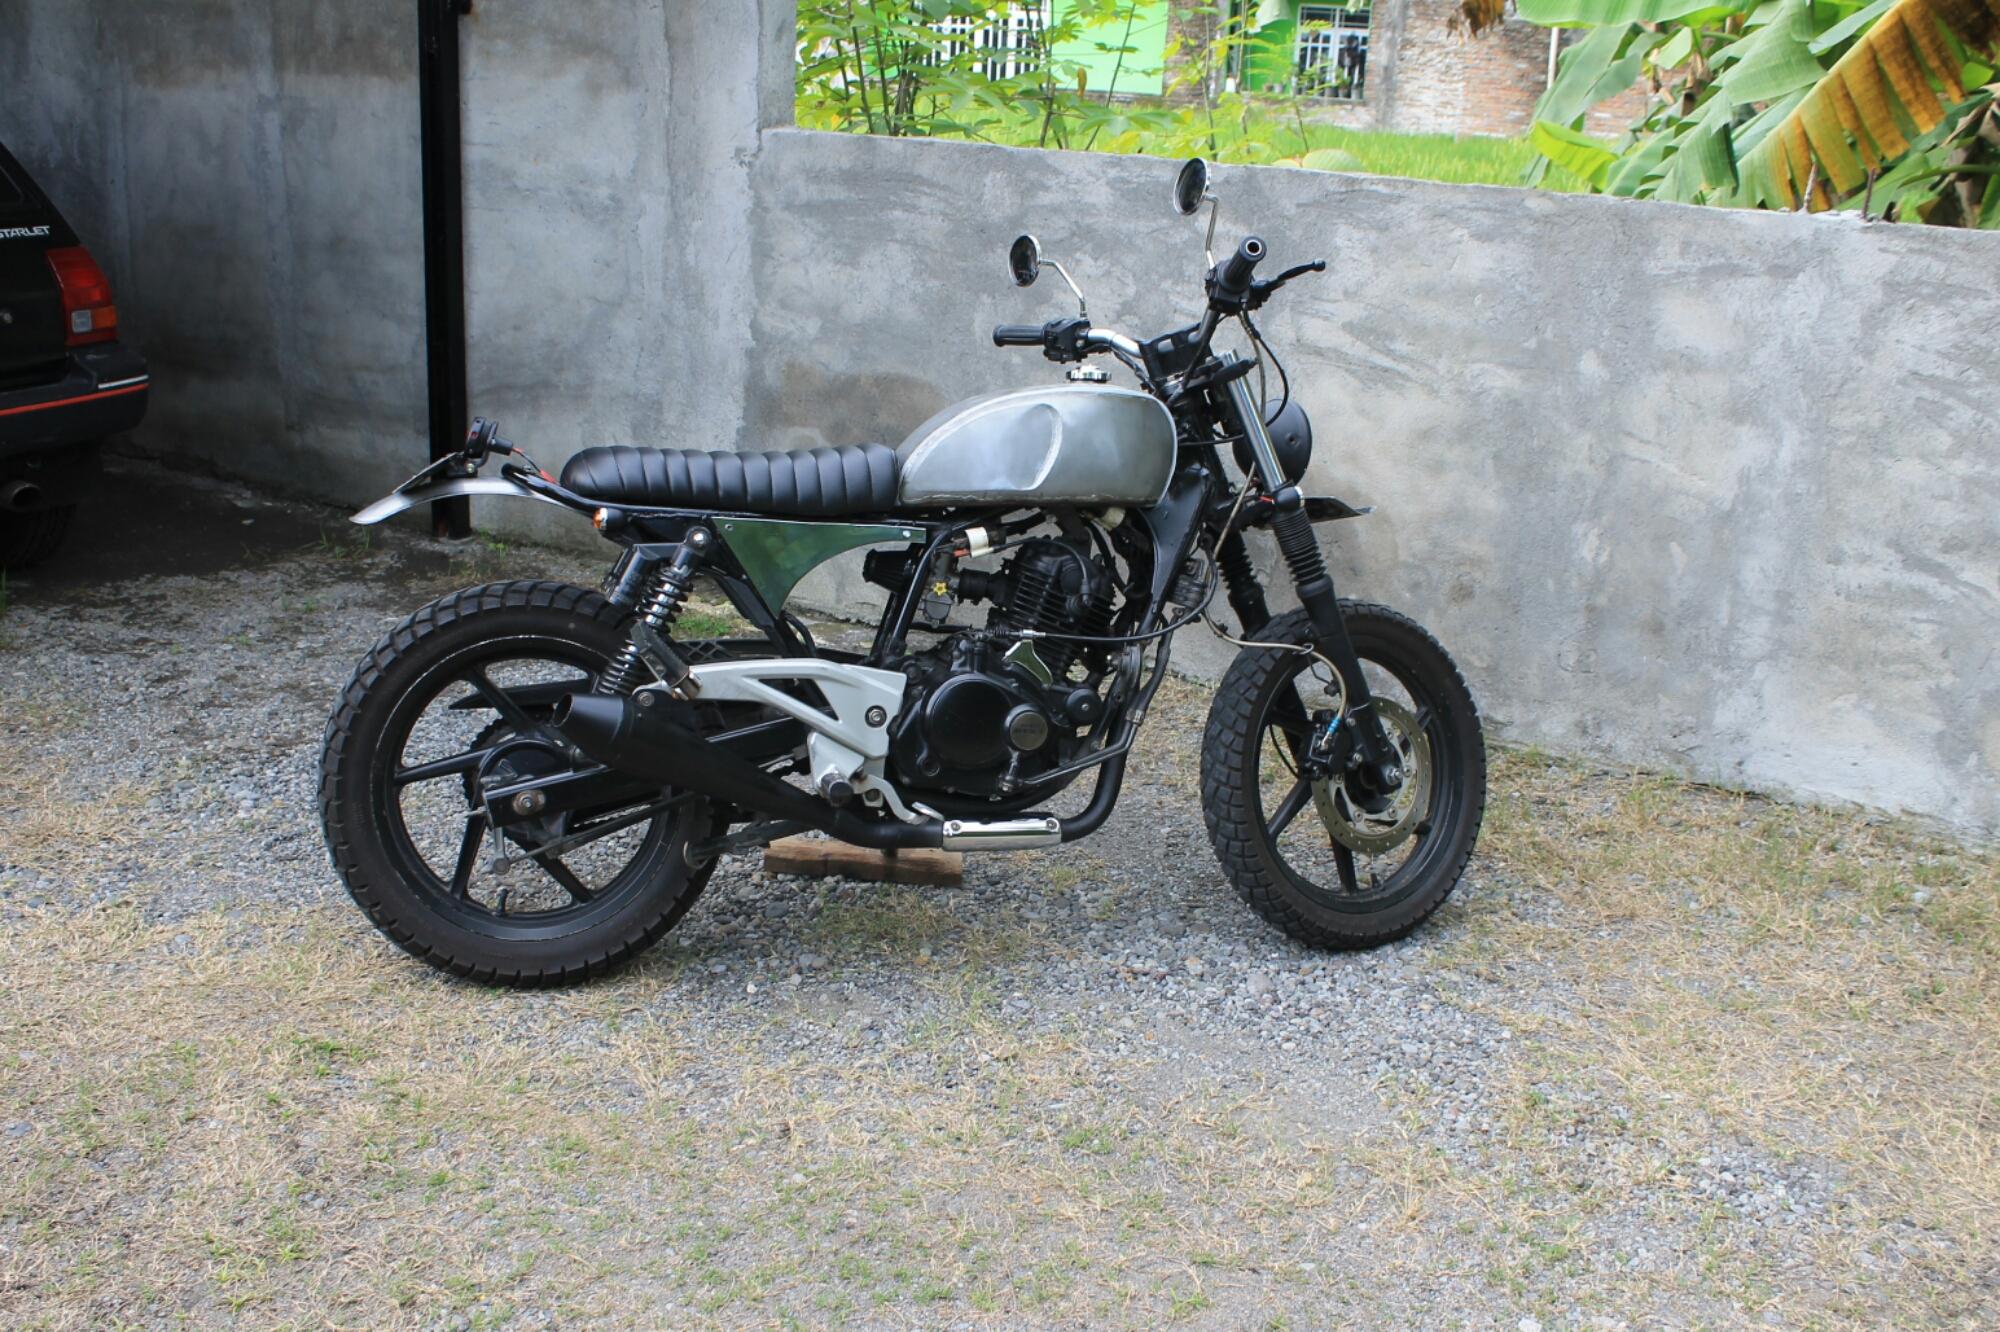 101 Biaya Modifikasi Motor Cb Klasik Modifikasi Motor Honda CB Terbaru